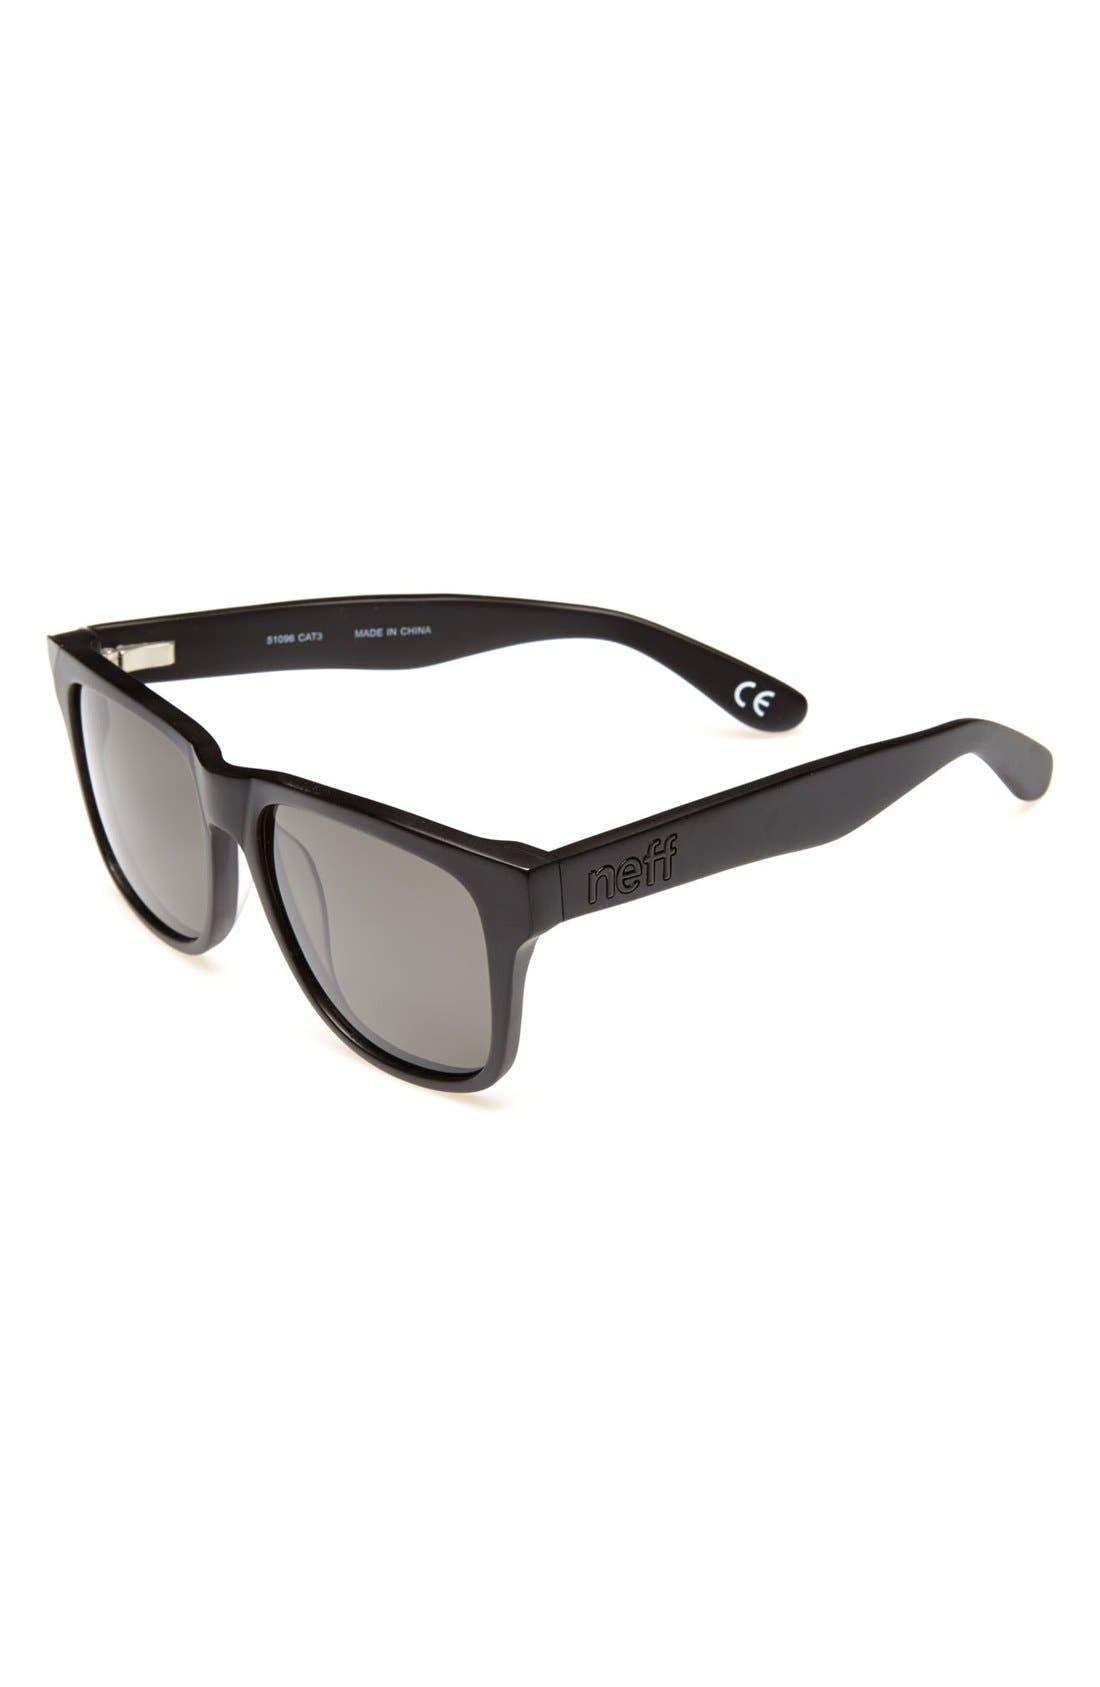 Alternate Image 1 Selected - Neff 'Thunder' Polarized Sunglasses (Boys)